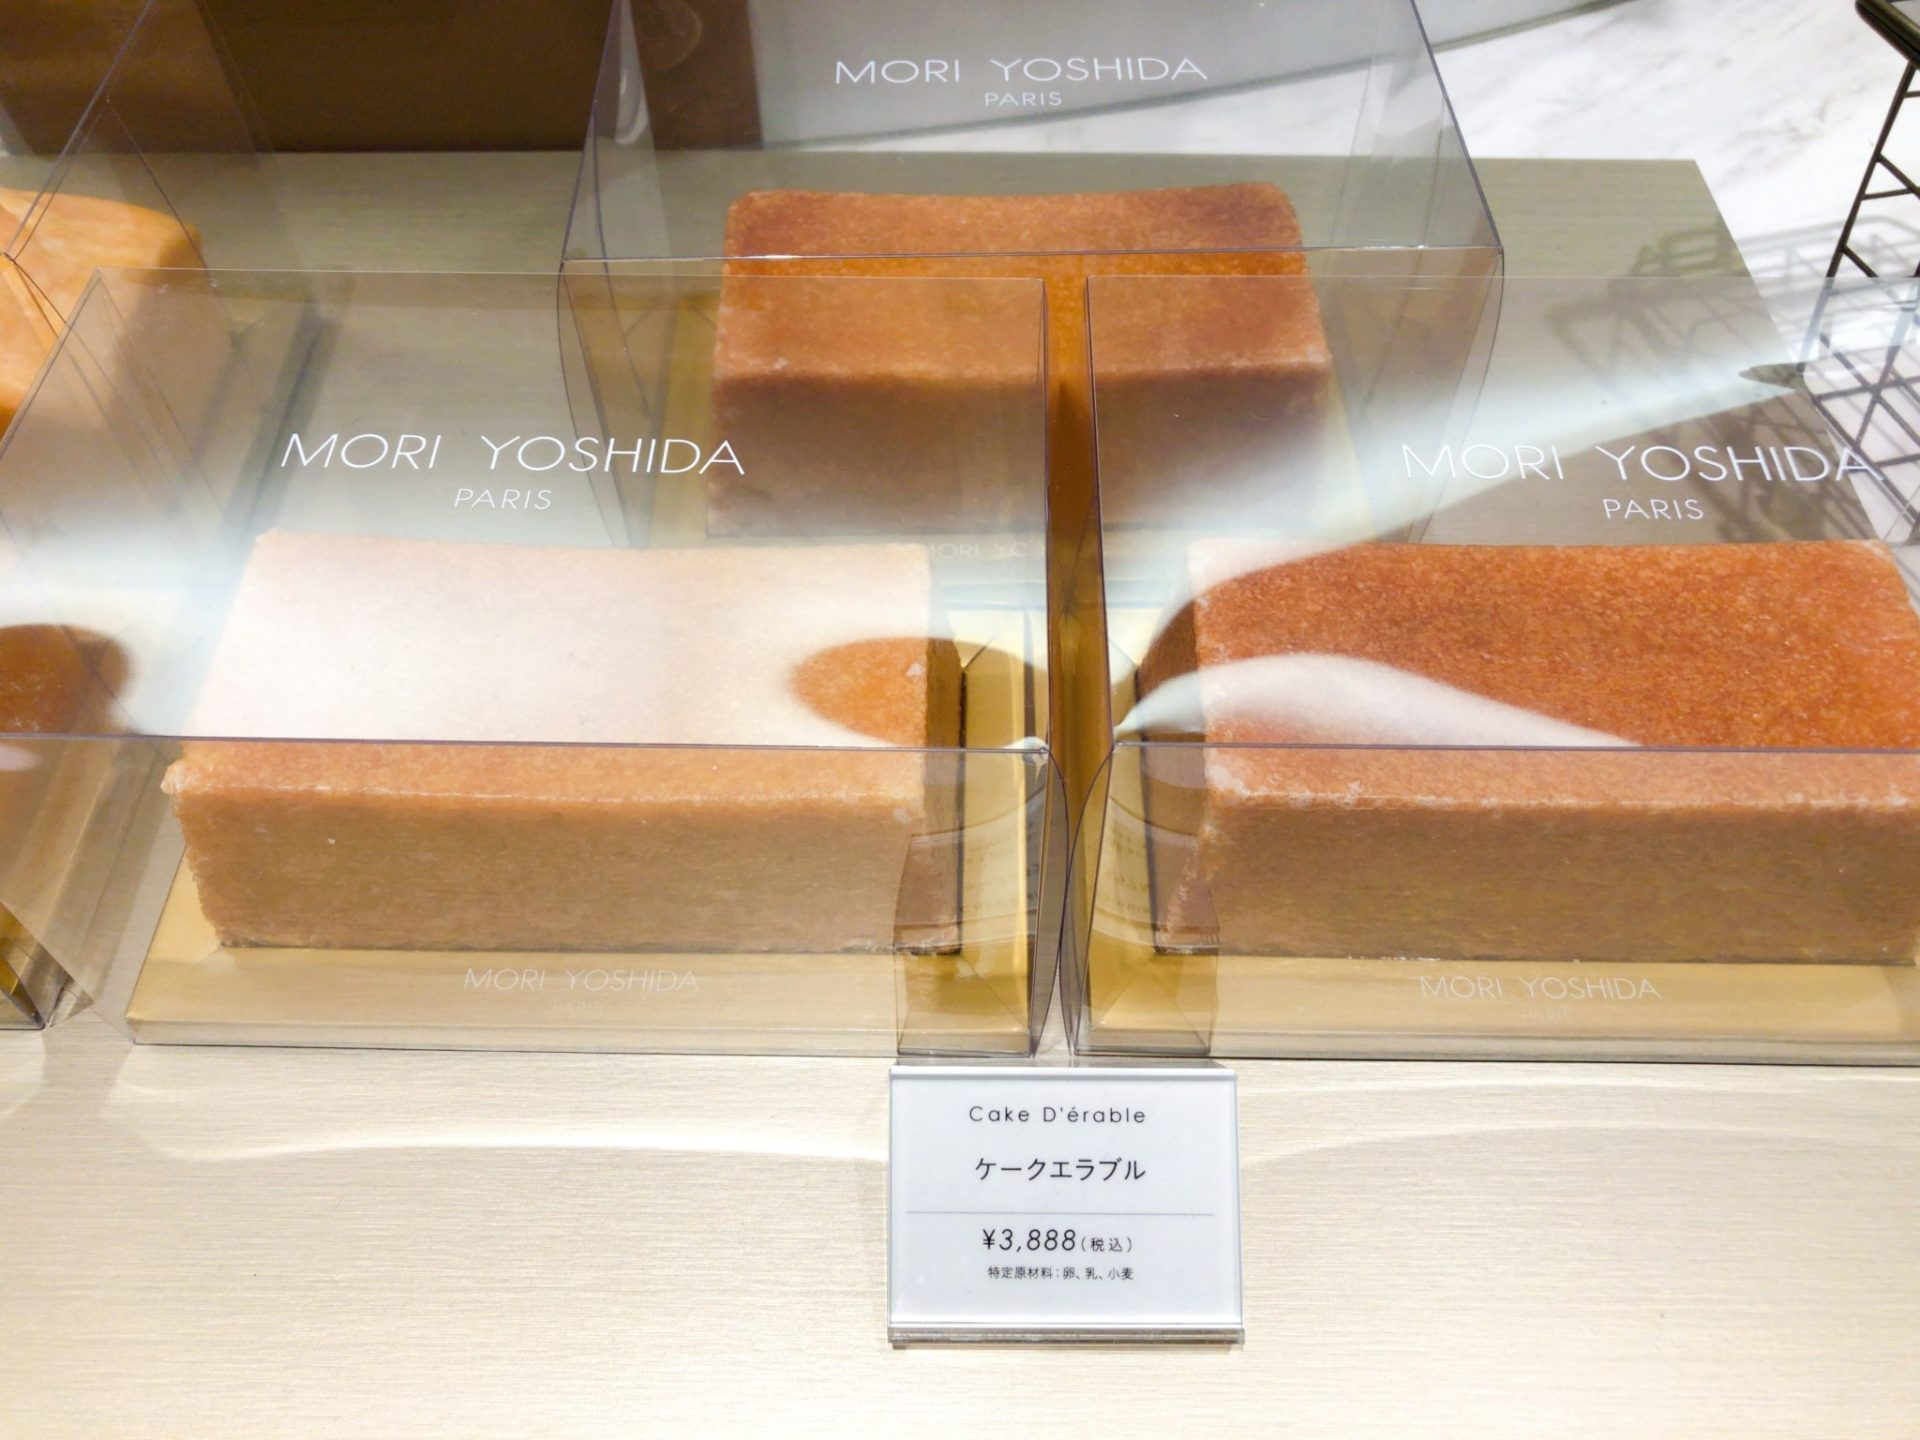 モリヨシダ「MORI YOSHIDA」のケークエラブル